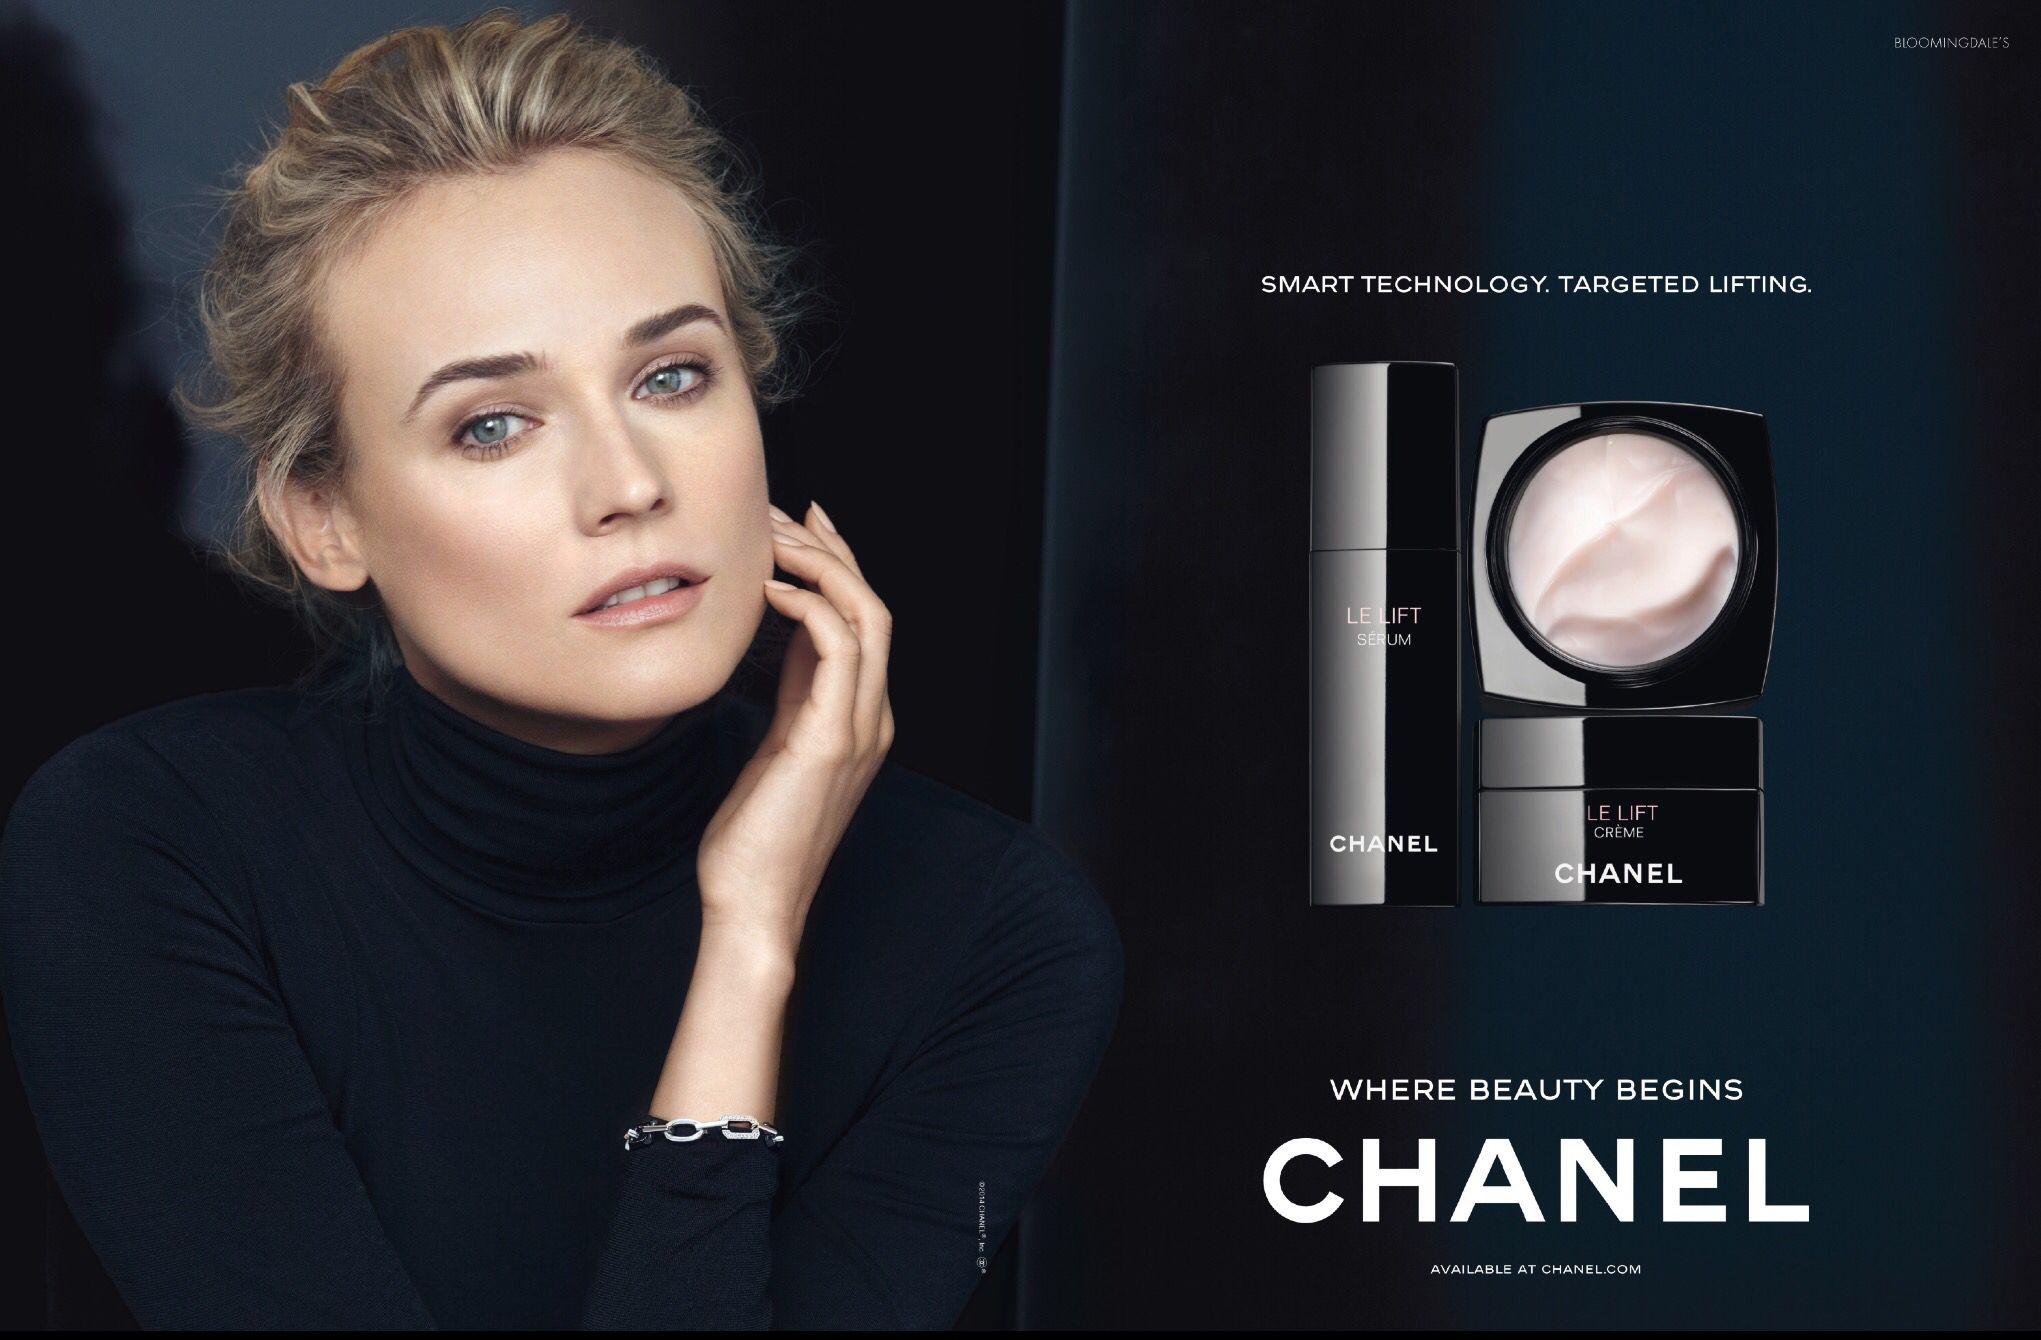 Chanel SkinCare Advertising | Publicidad